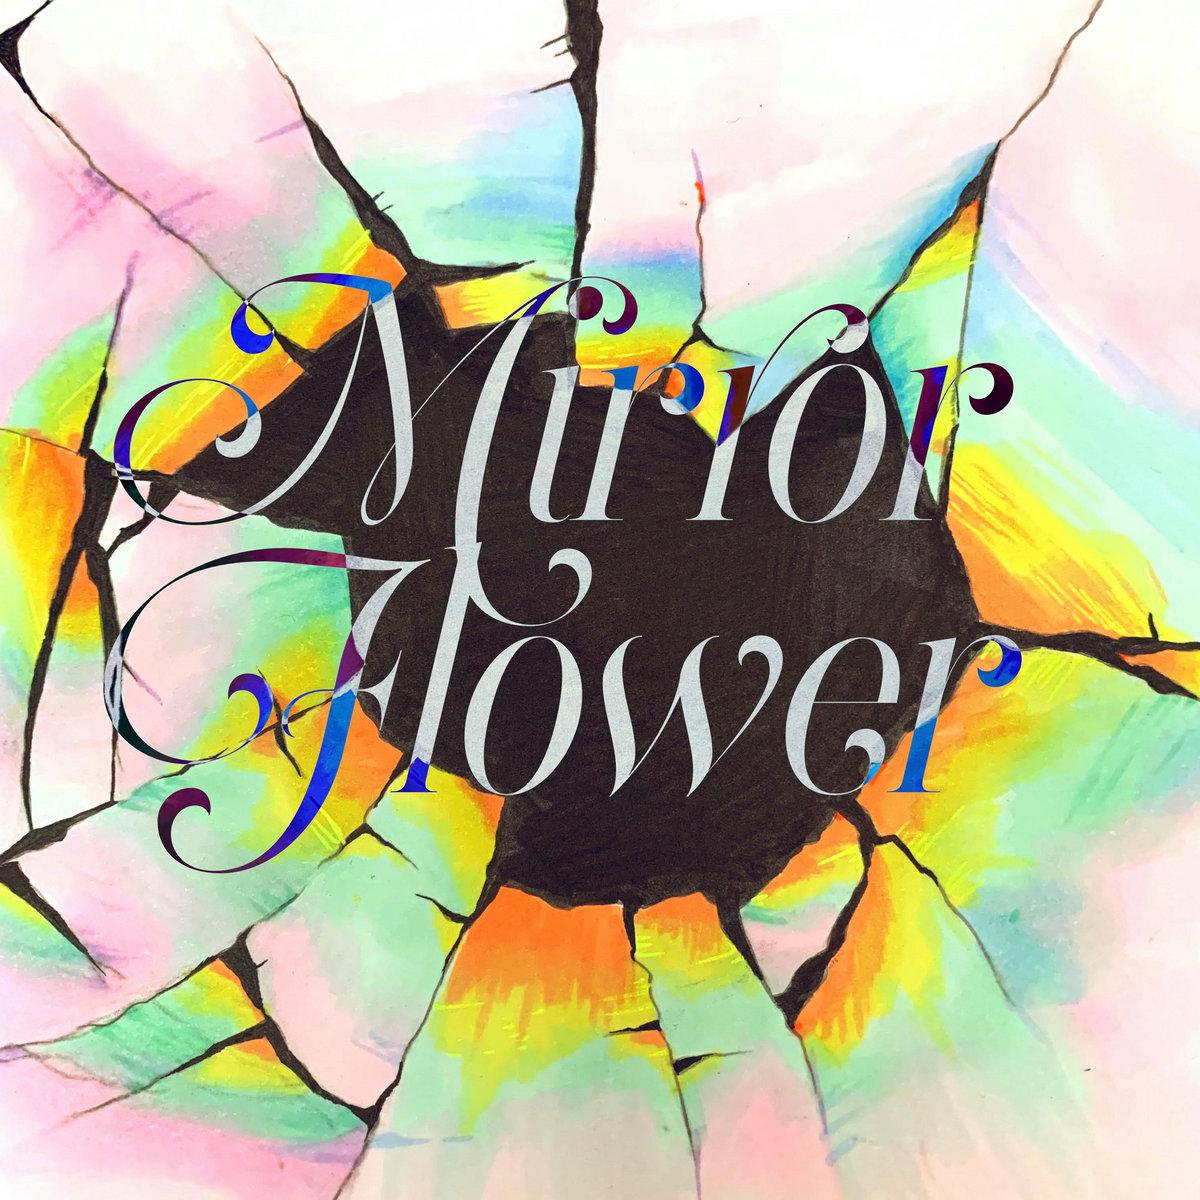 Mirror Flower by Abiyah